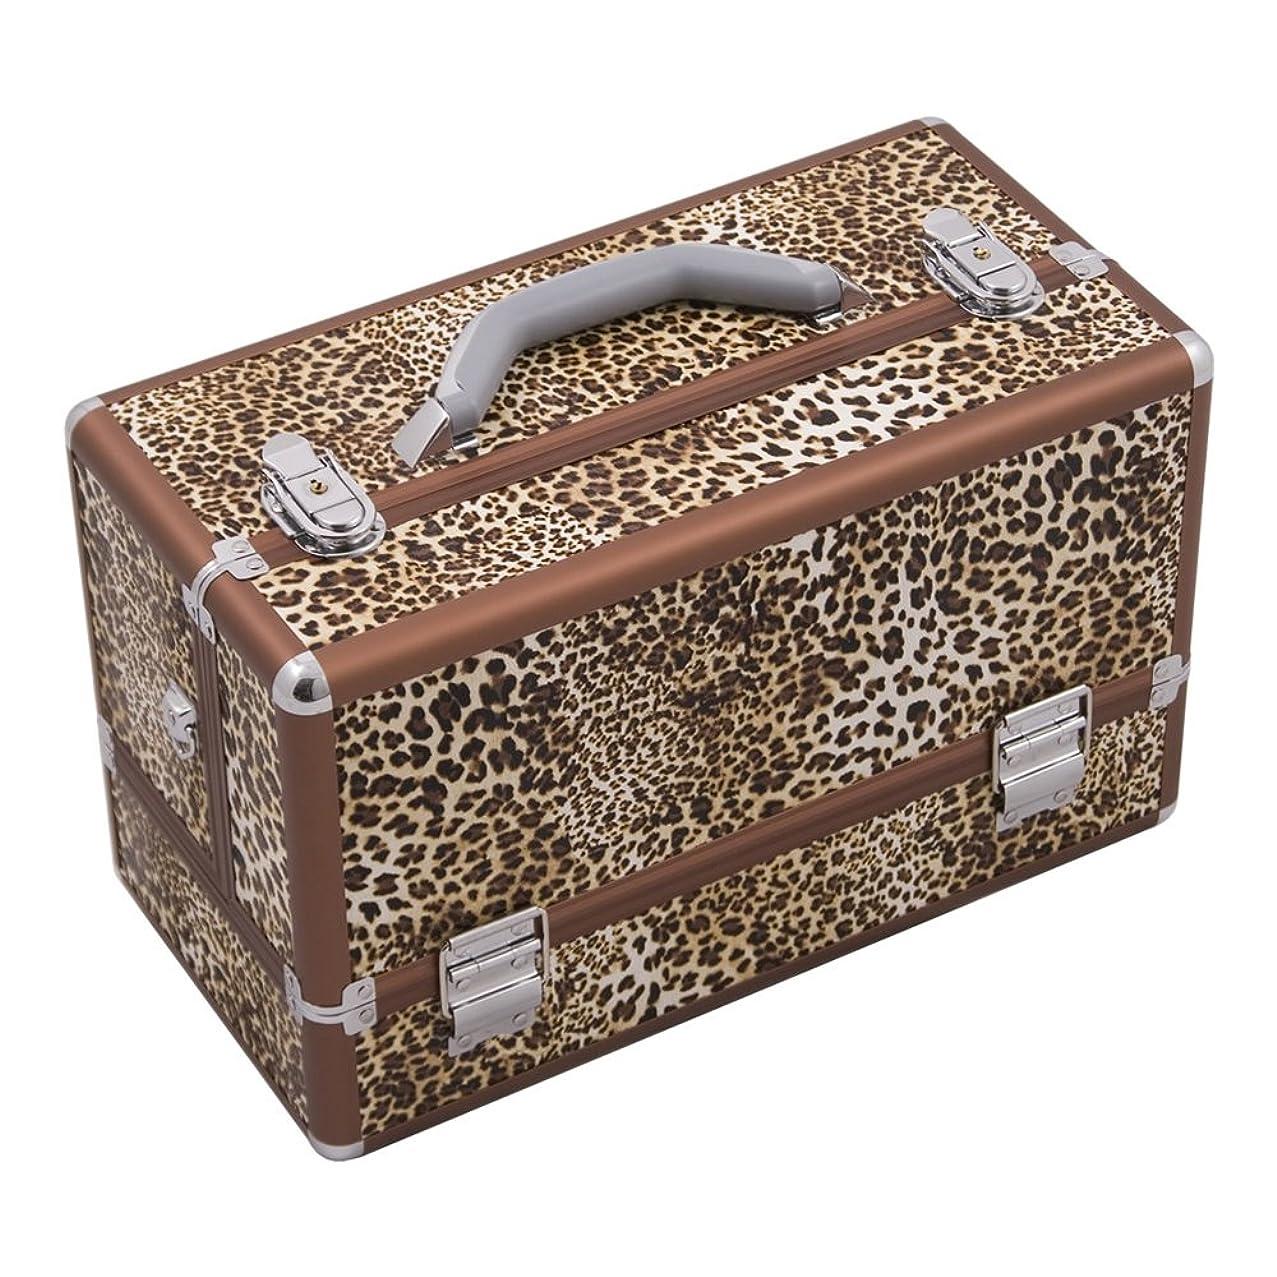 Leopard Pro Craft/Quilting Storage Case - Hk3201